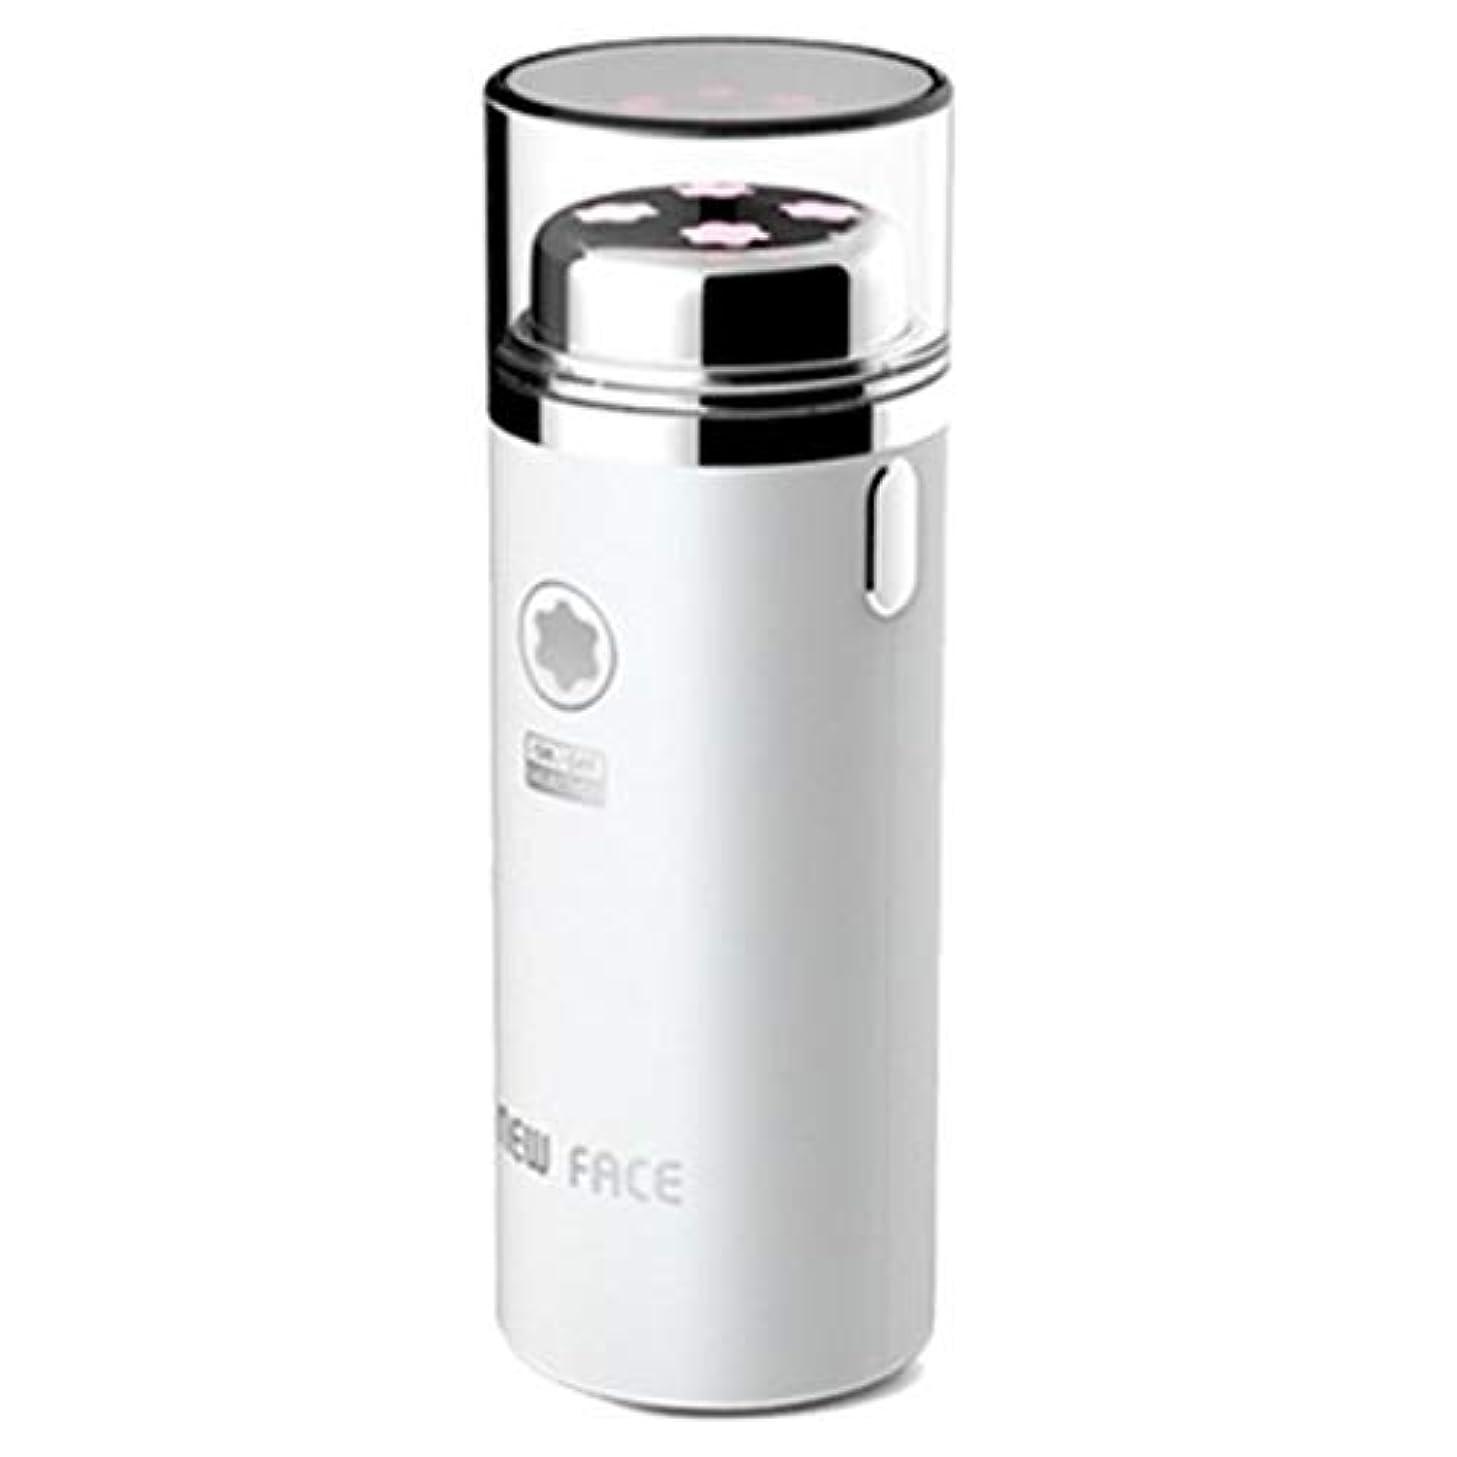 滝緩める故障中エラニューフェイスガルバニックマイクロ振動イオンスキンマッサージャーEFM-2500ホワイト Elra New Face Galvanic Micro Vibration Ion Skin Massager EFM-2500...